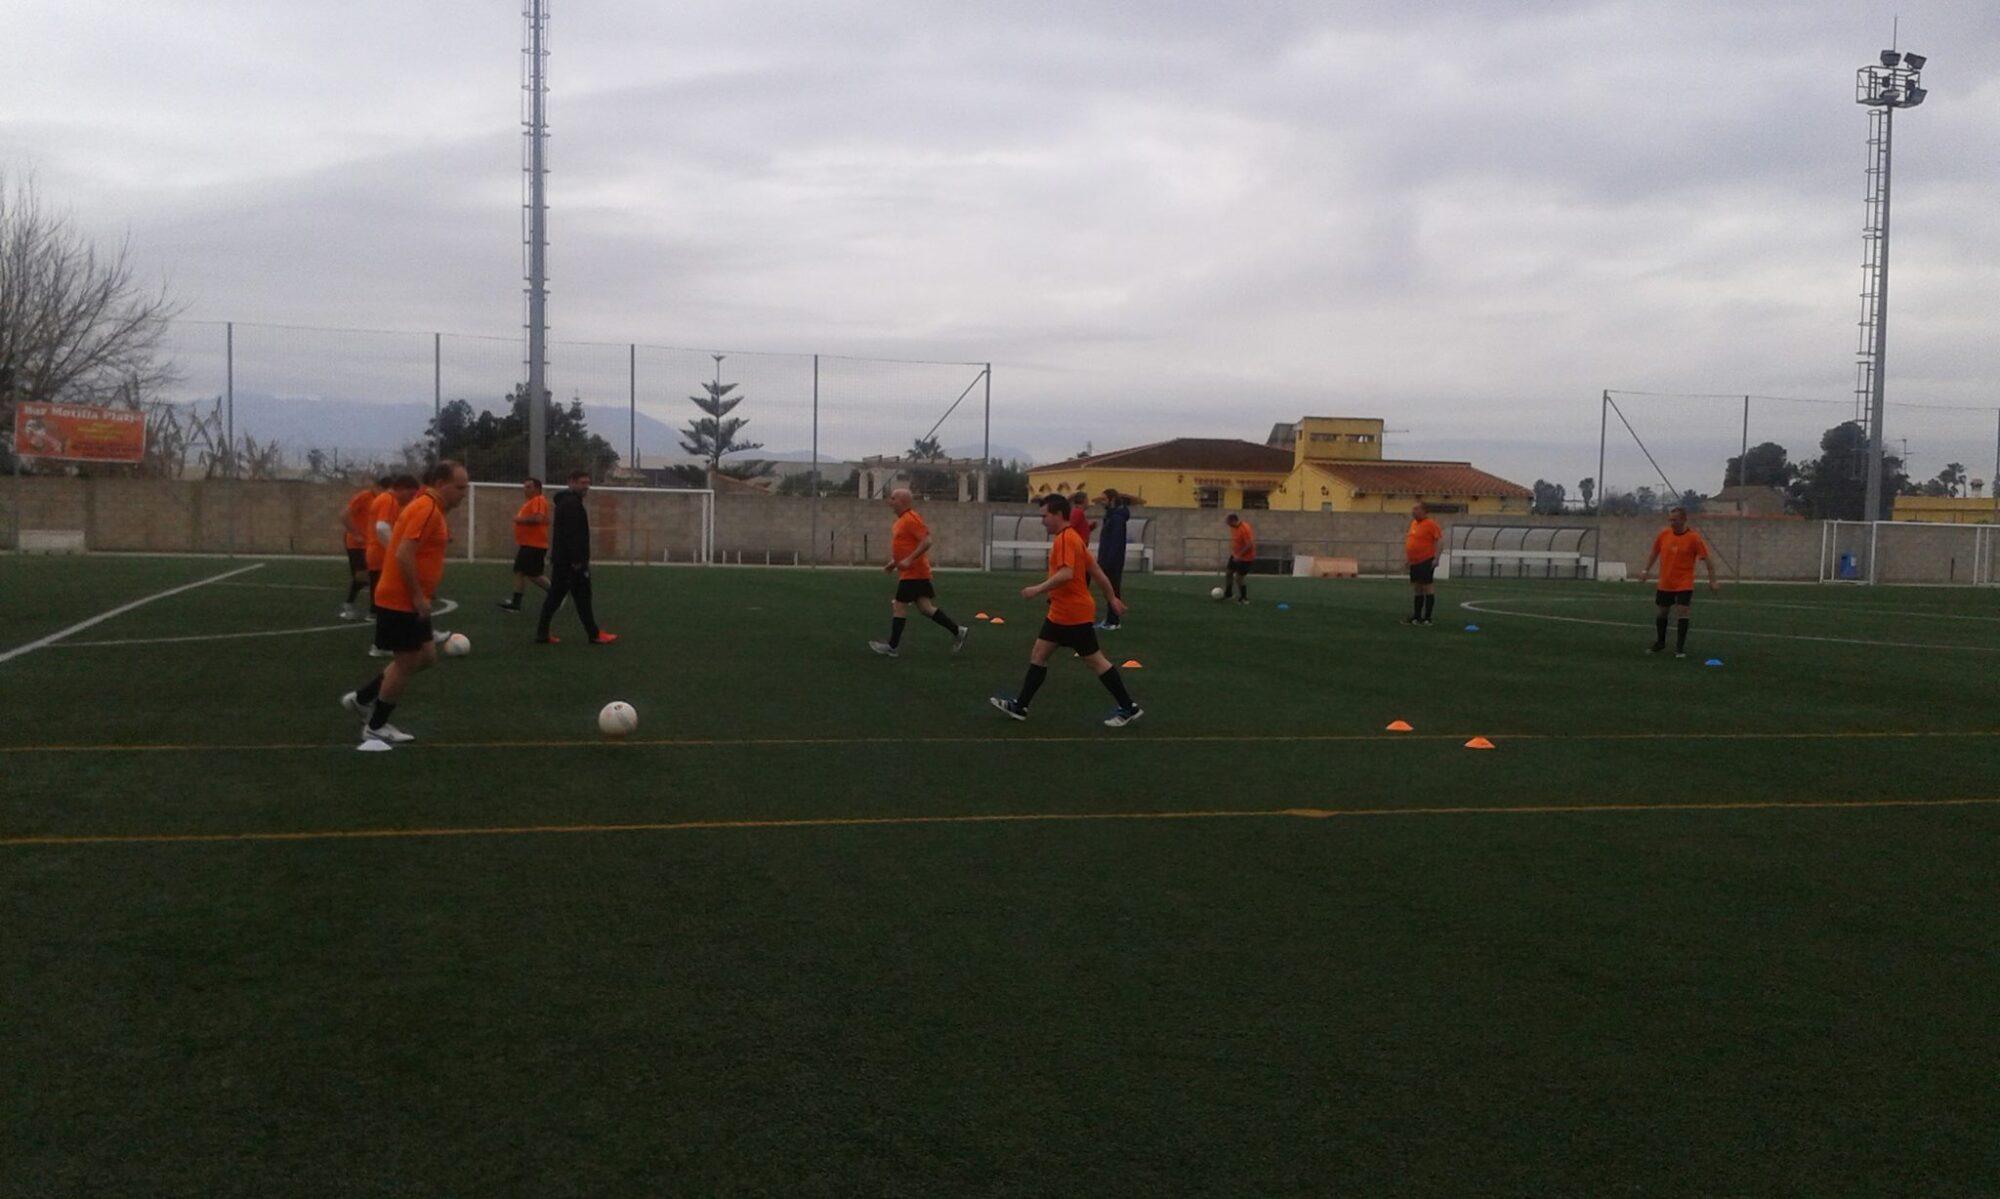 Sesión técnica en Sueca del equipo de fútbol de Albero Artesanos con técnicos del Valencia CF